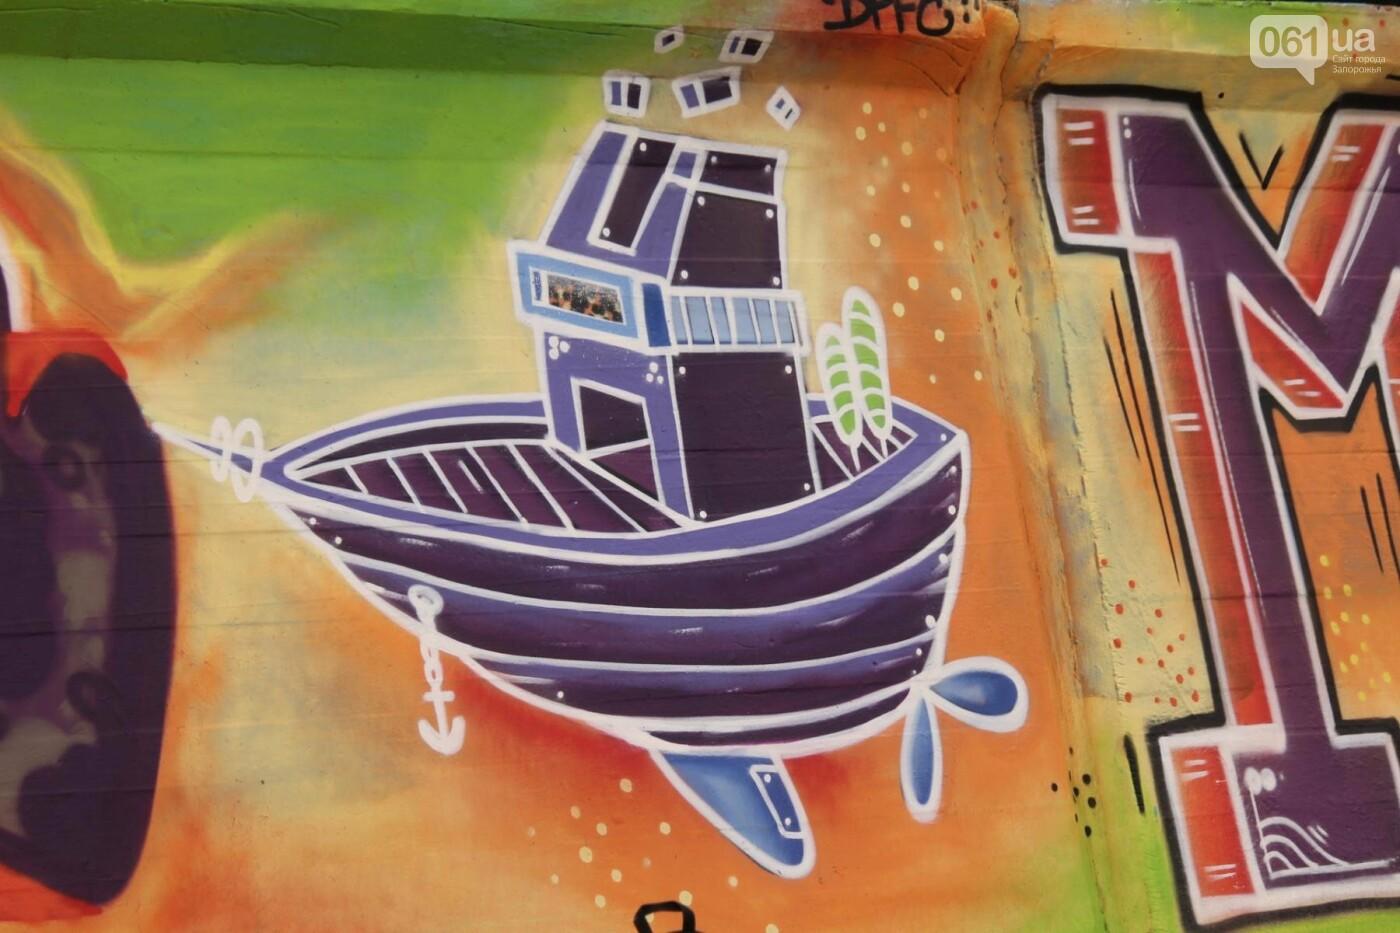 В Запорожье на пляже закончился фестиваль граффити: разрисовали 150 метров бетонной стены, – ФОТОРЕПОРТАЖ, фото-7